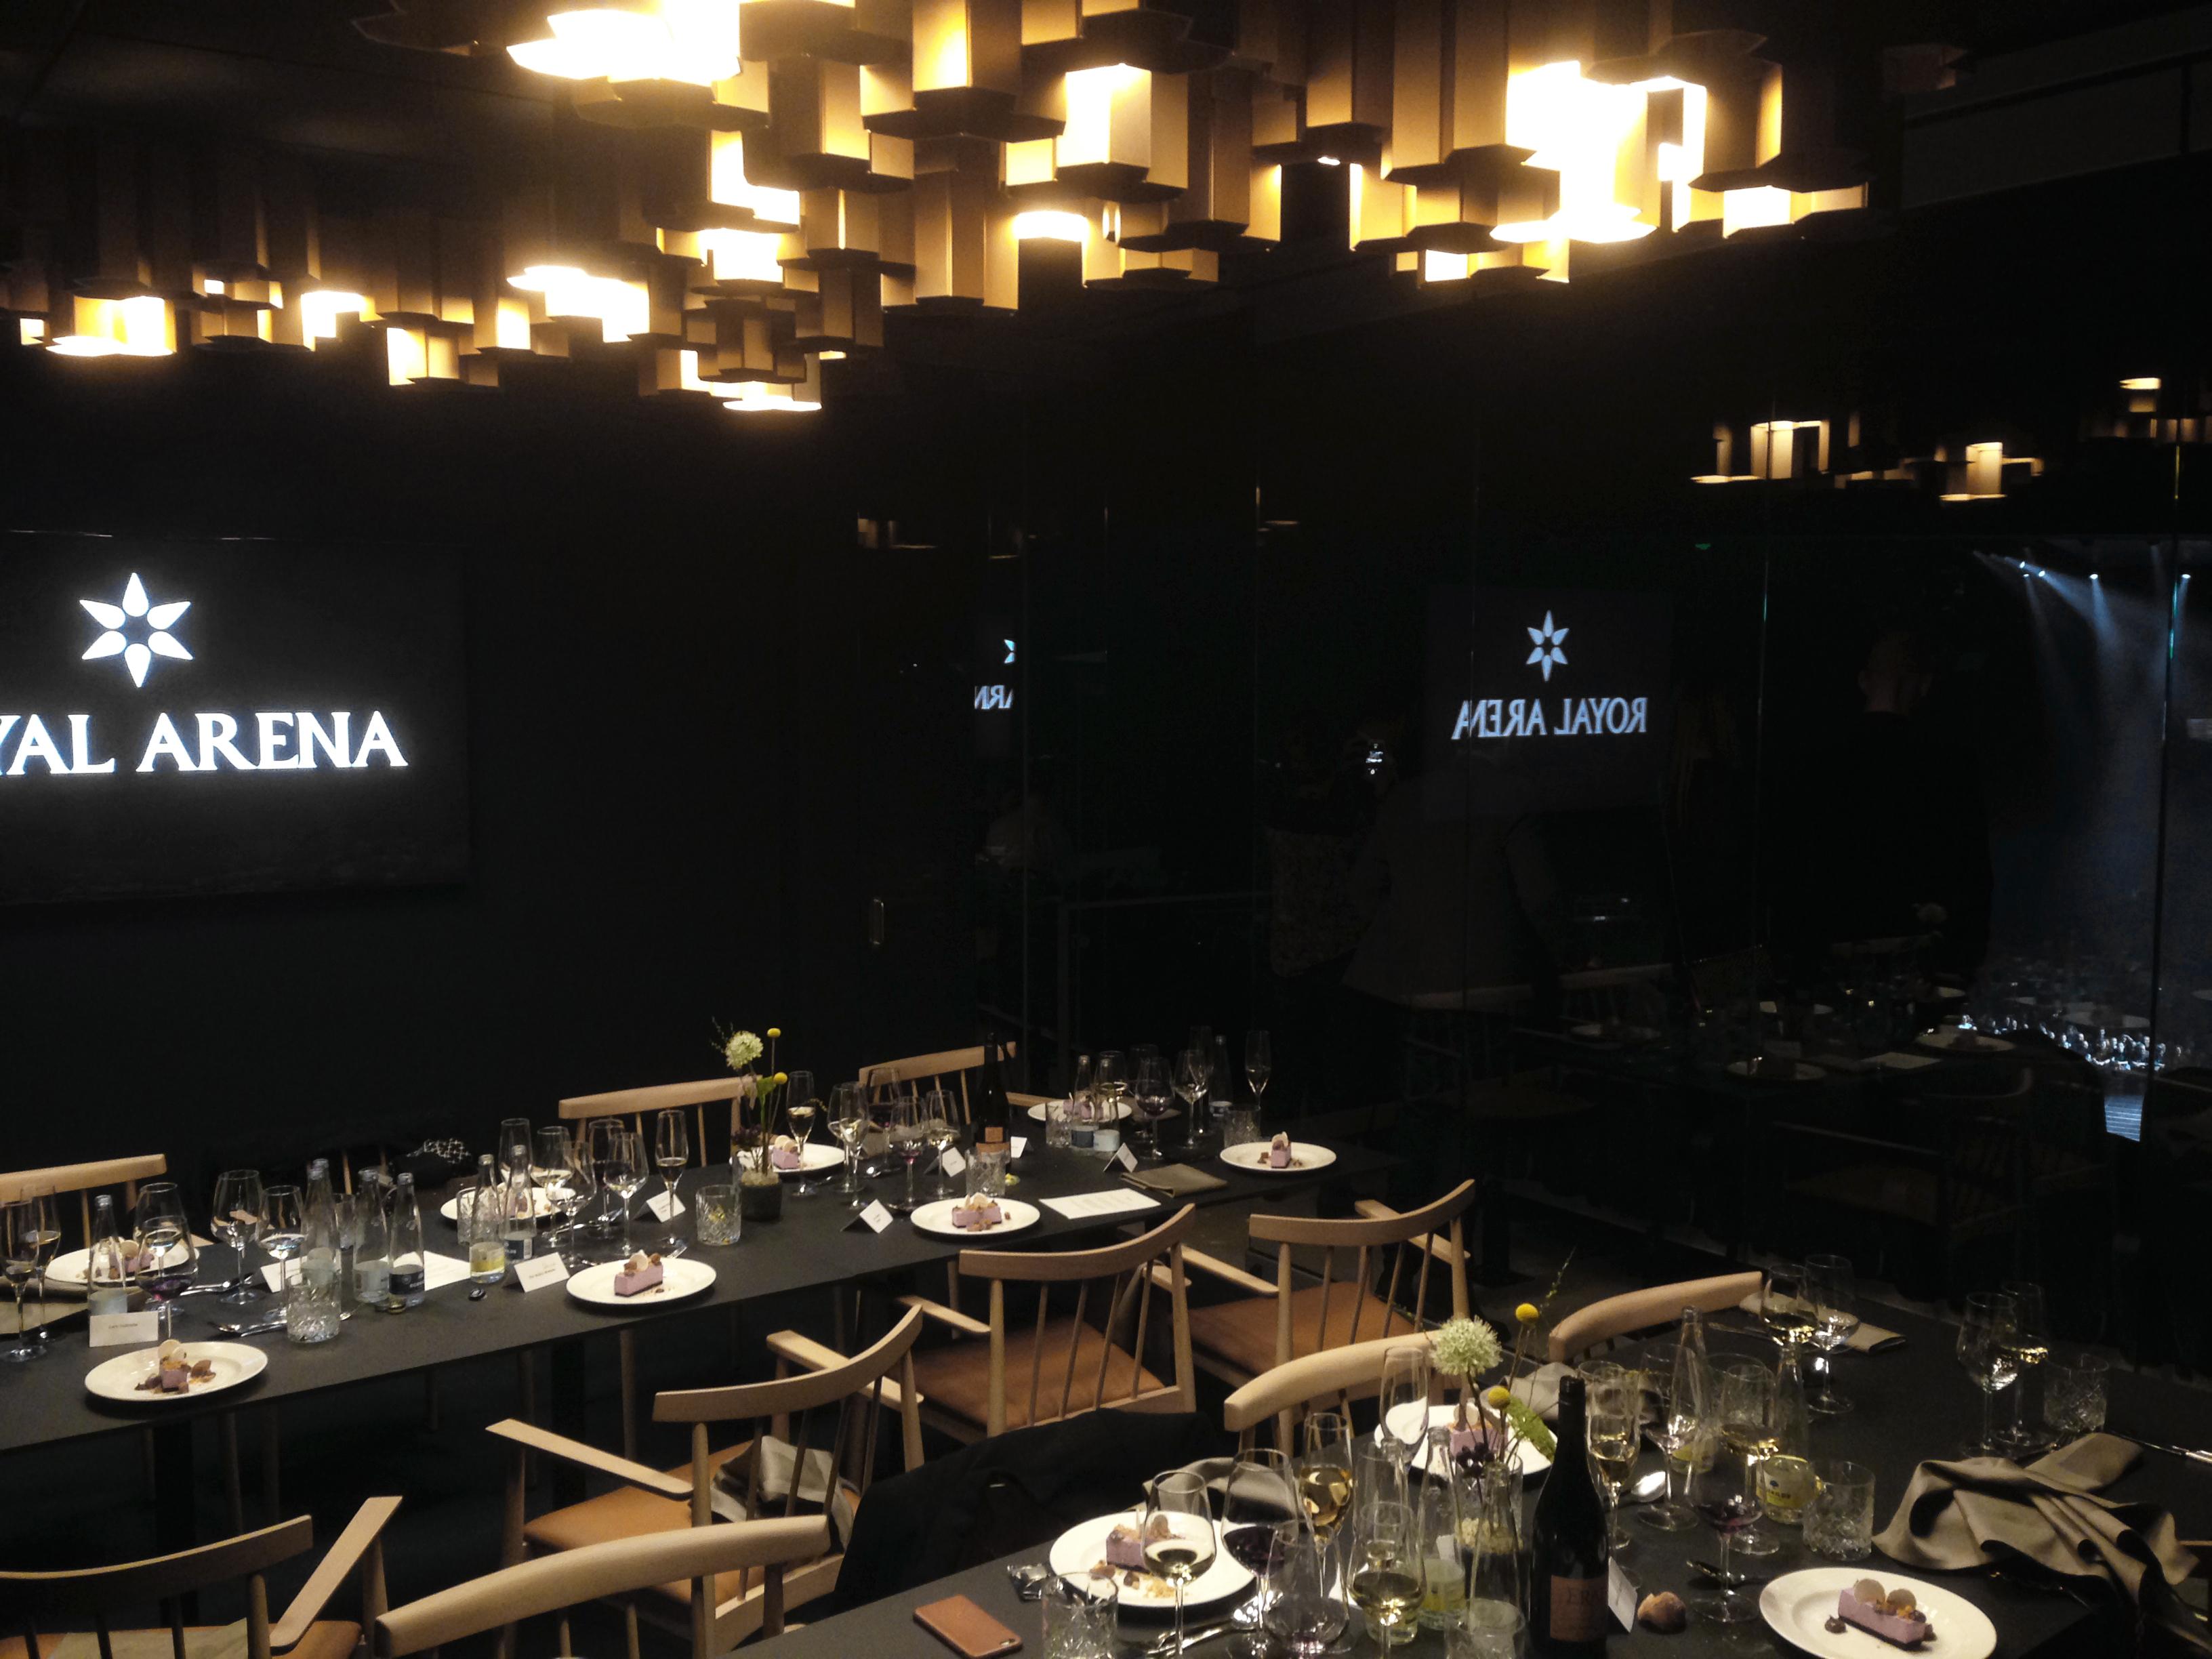 RoyalArena_suite og lamper2